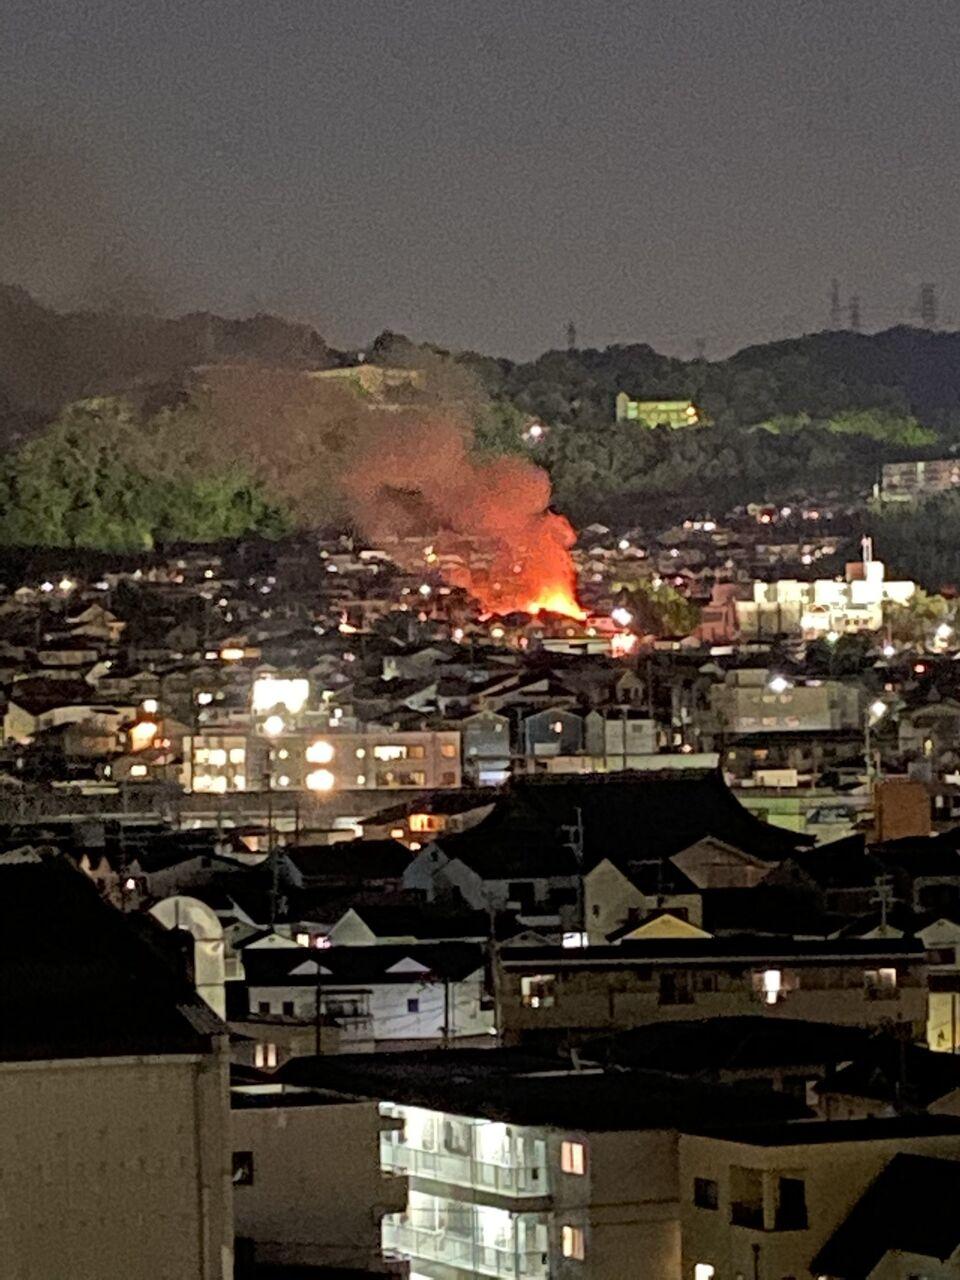 事件 事故 岡山